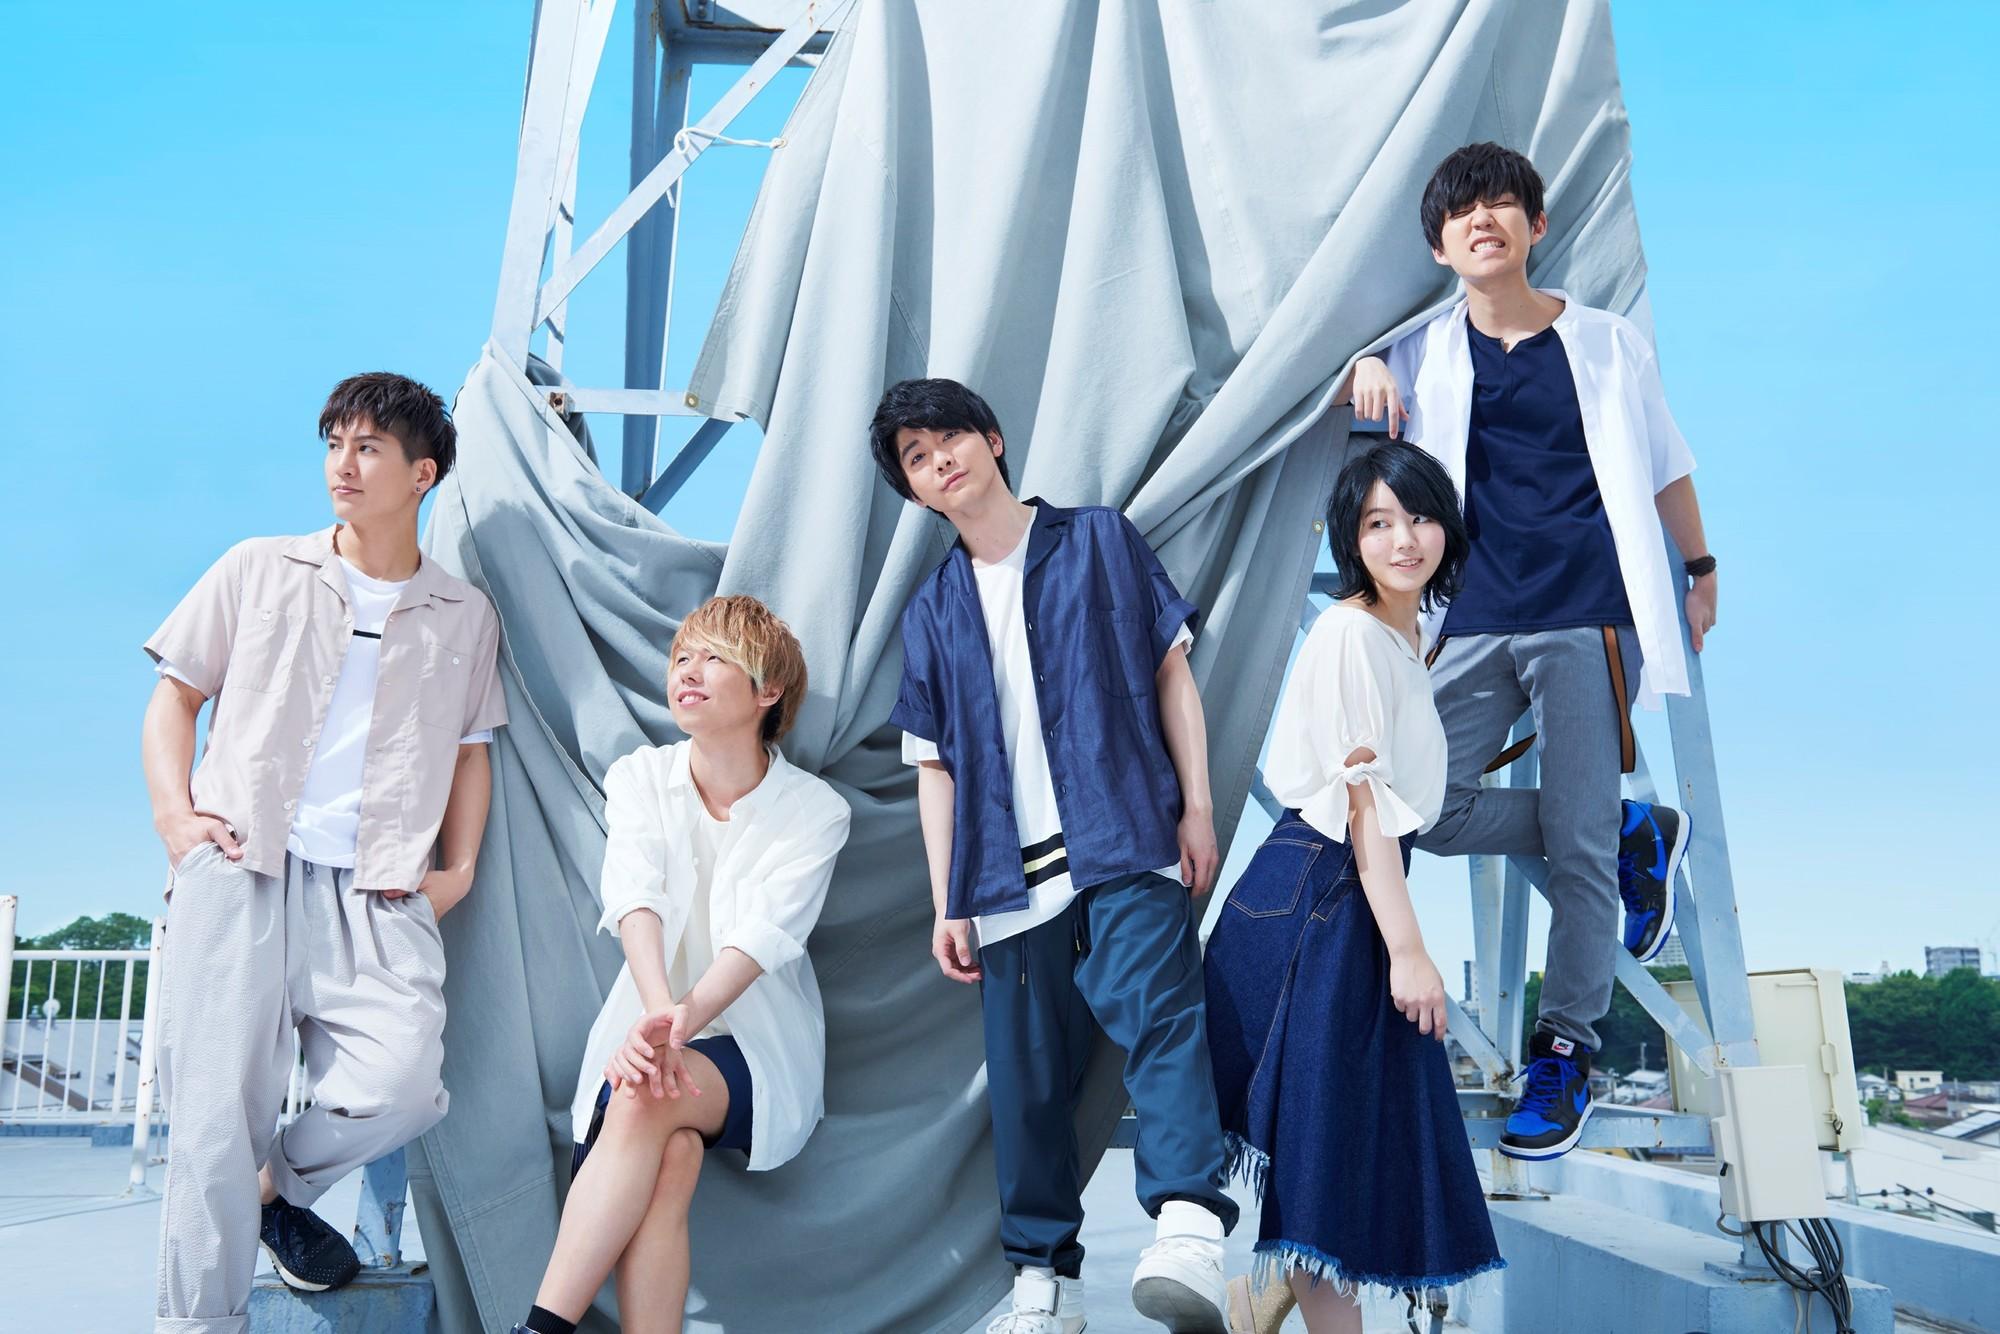 Mrs. GREEN APPLEが映画「青夏」の主題歌を書き下ろし!シングル『青と夏』をリリース